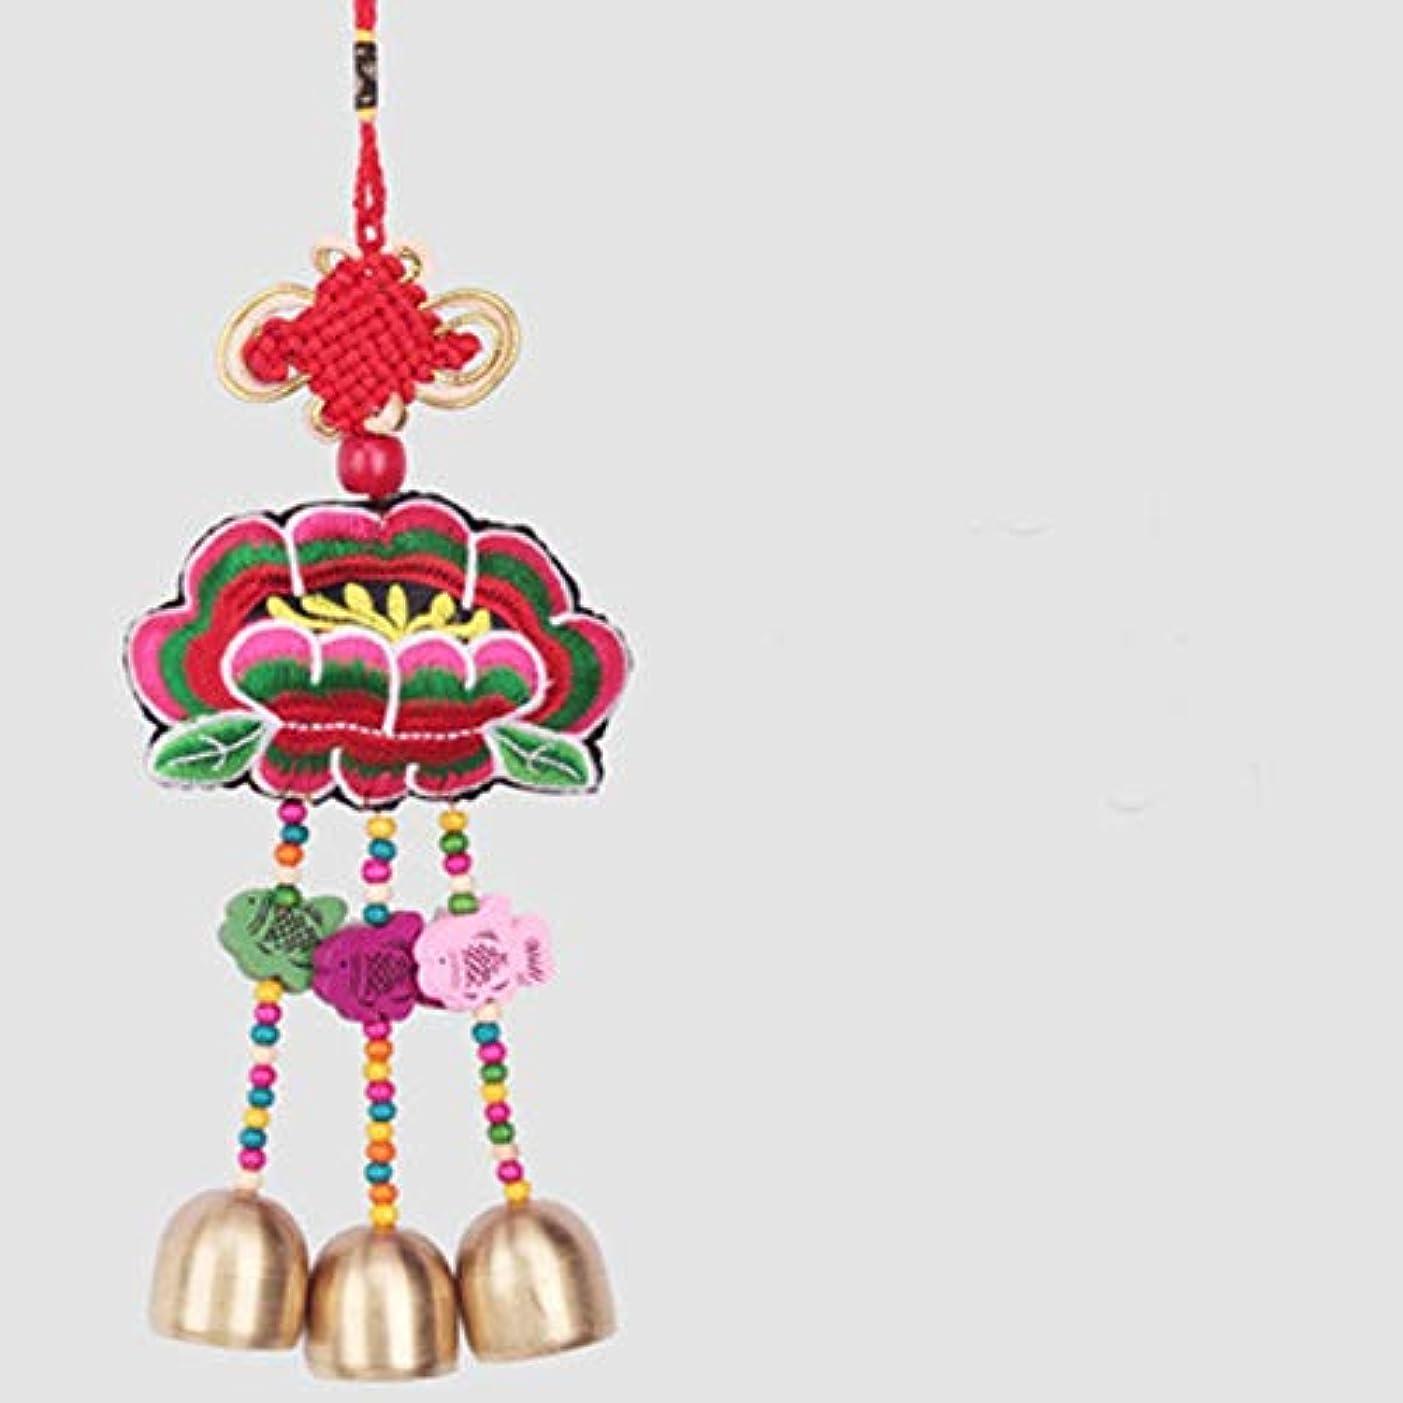 フェロー諸島マトリックスズームインするYougou01 Small Wind Chimes、中華風刺繍工芸品、14スタイル、ワンピース 、創造的な装飾 (Color : 7)